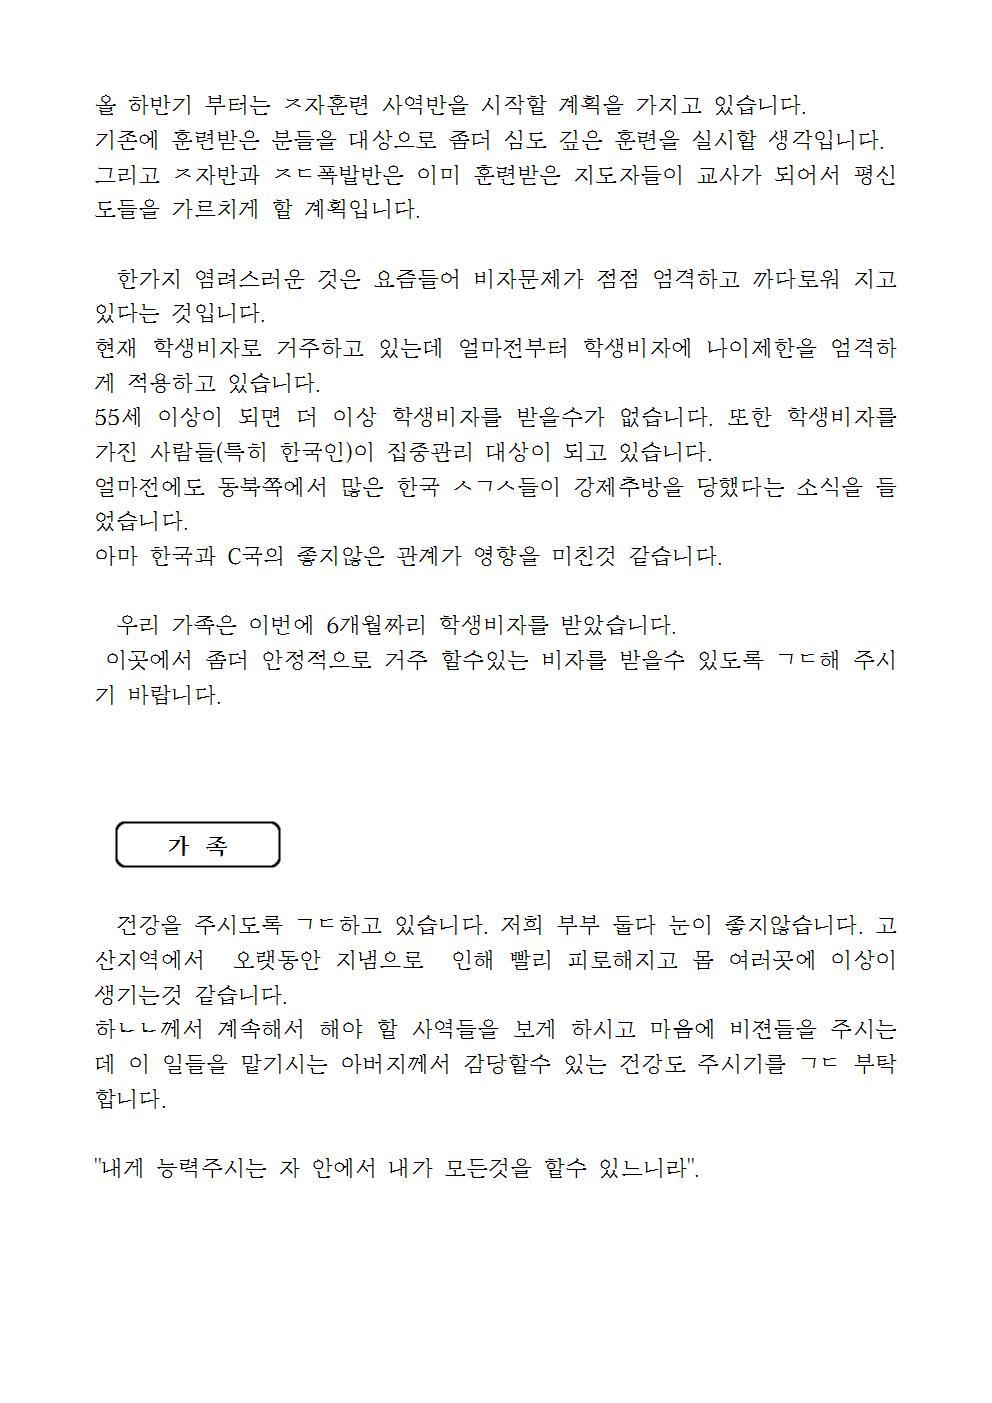 선교편지,팽호선(C국),20170225005.jpg